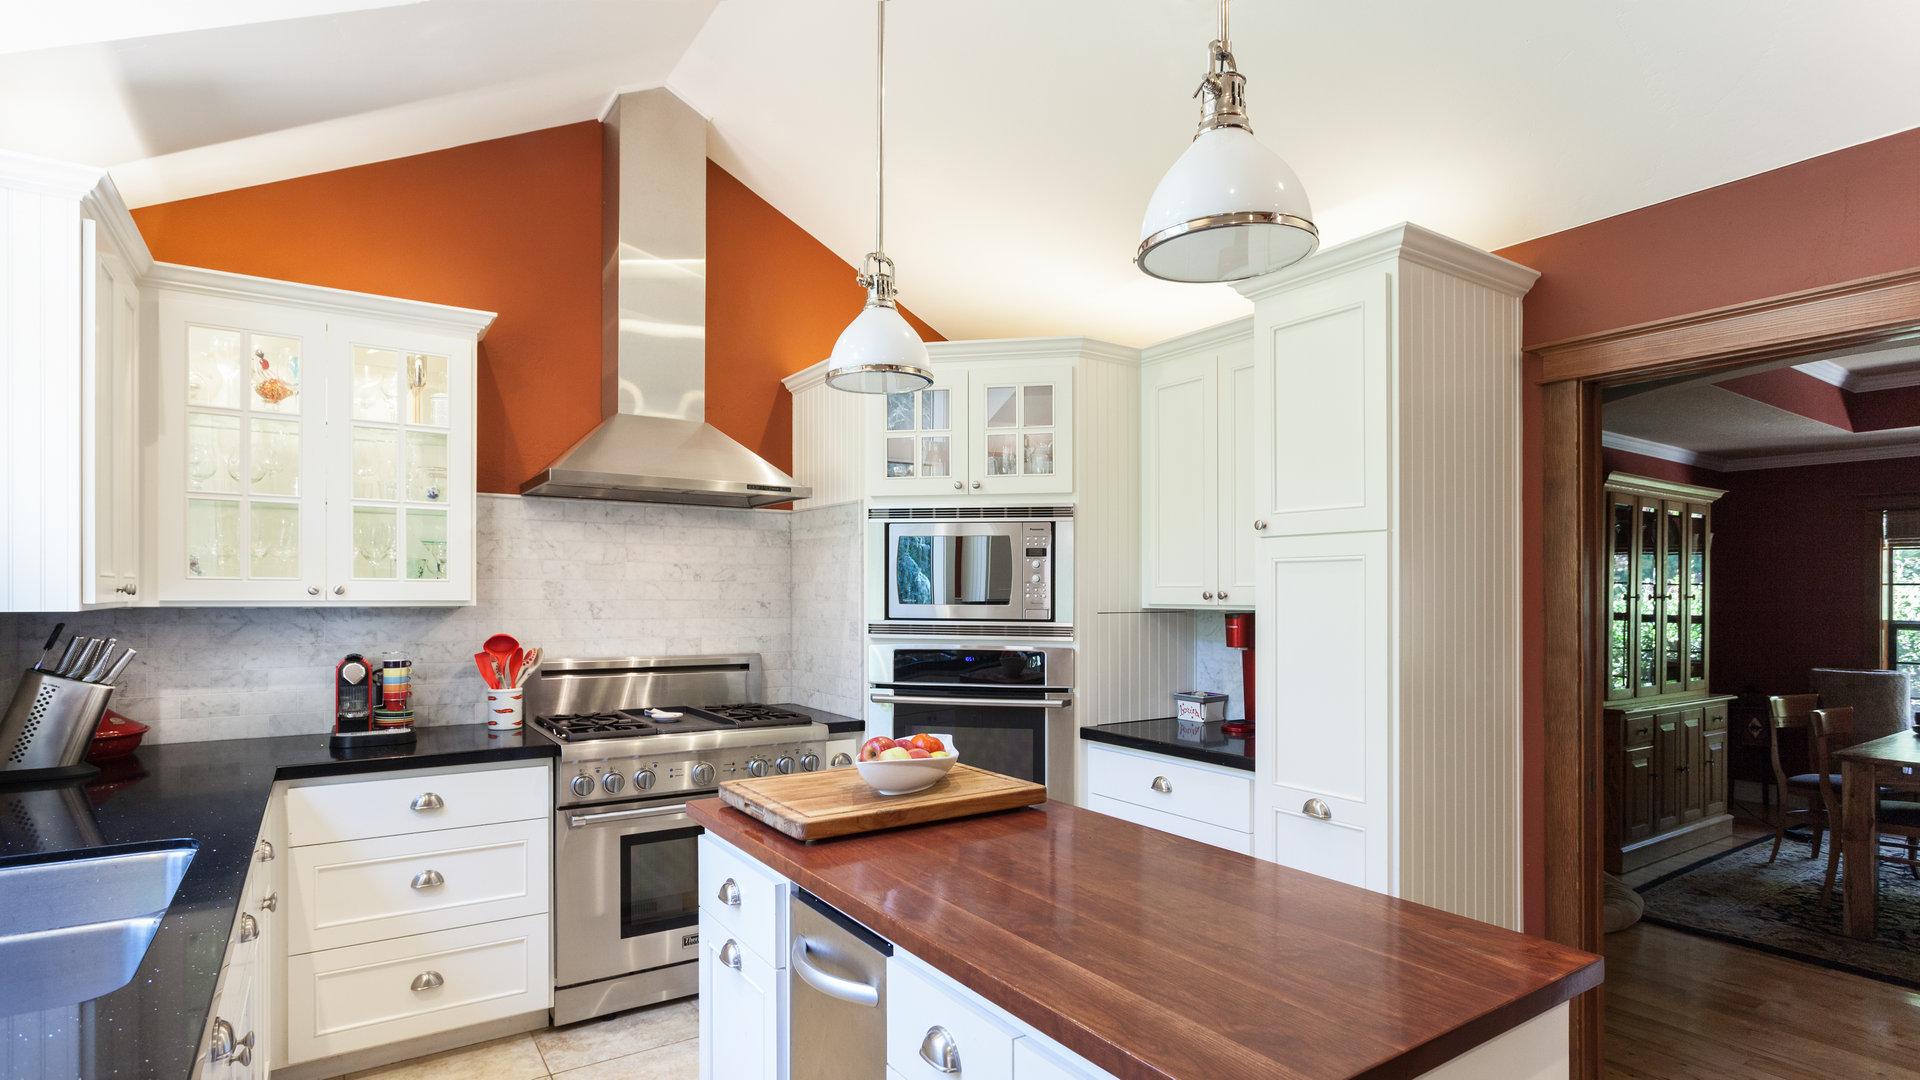 Banner Mine kitchen remodel 3